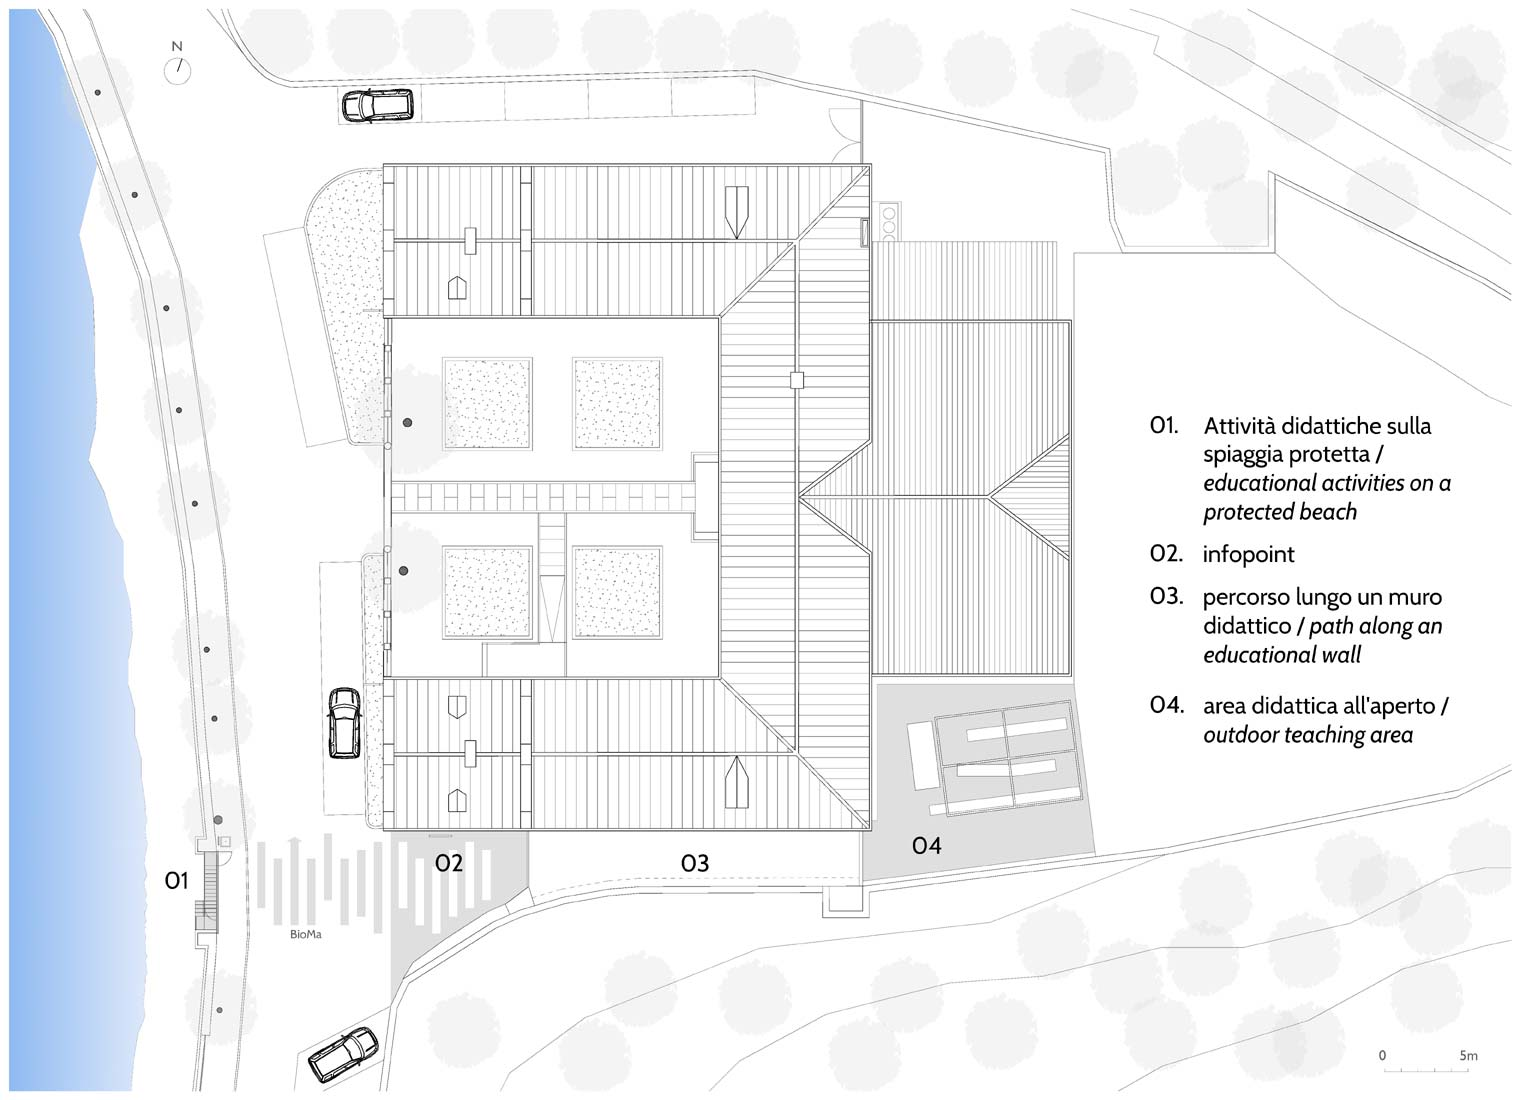 vk-architetti_reefugio_plan